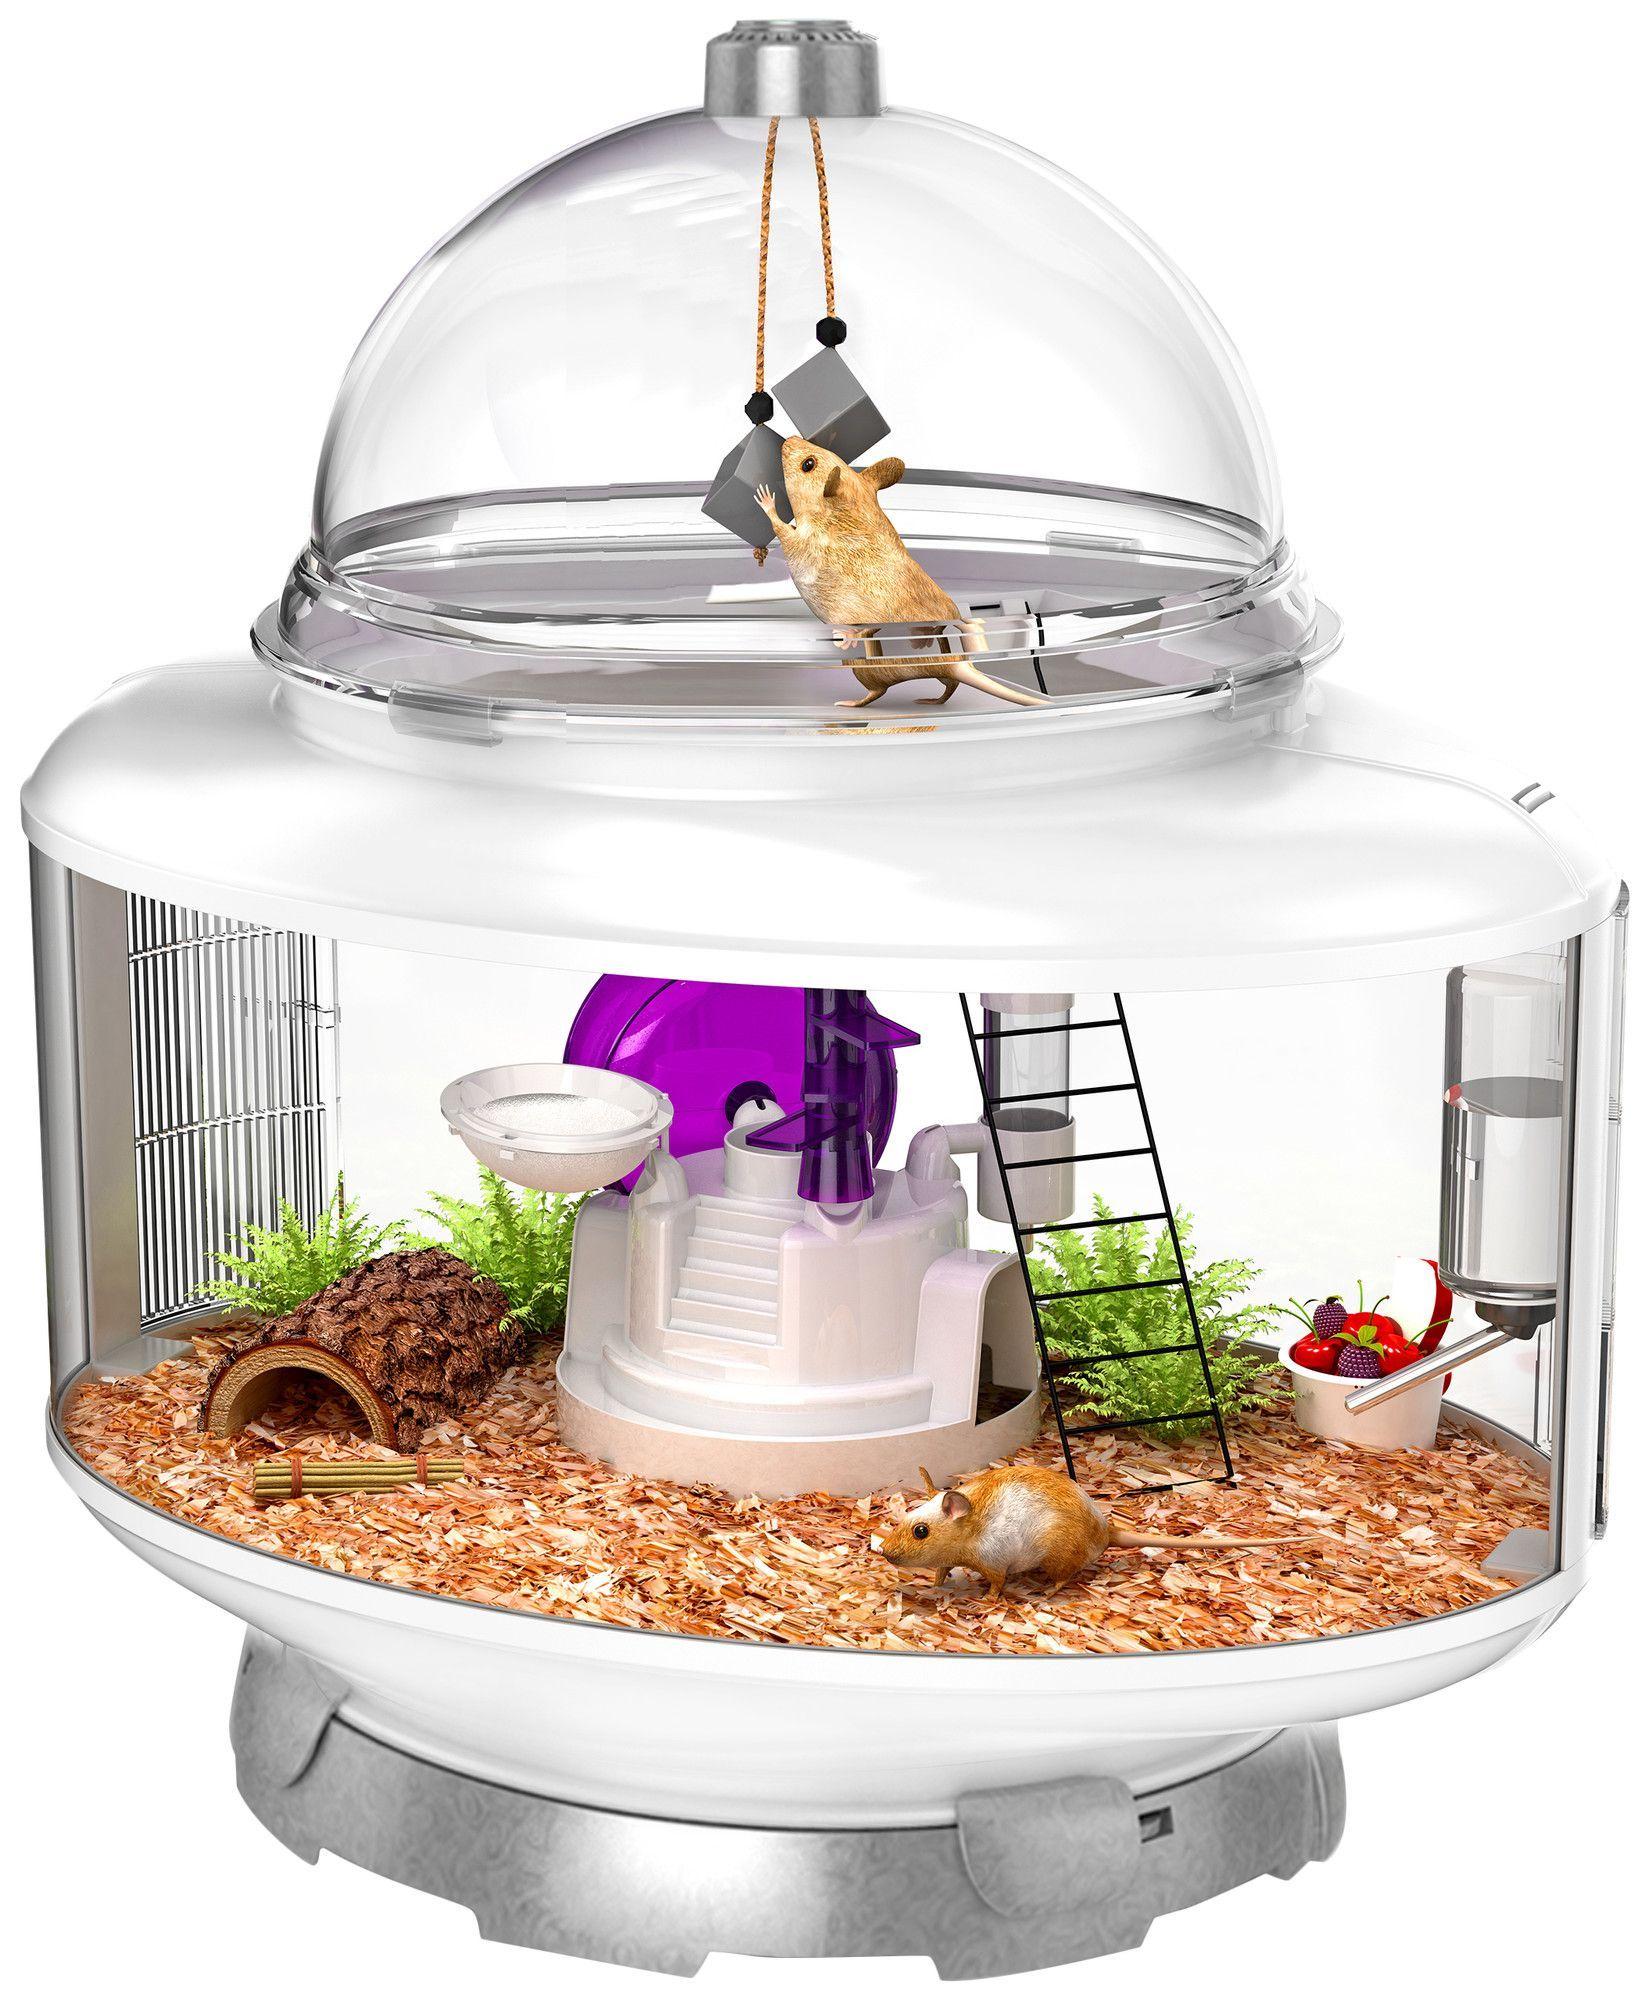 terrarium small animal habitat products pinterest erfindungen und tier. Black Bedroom Furniture Sets. Home Design Ideas